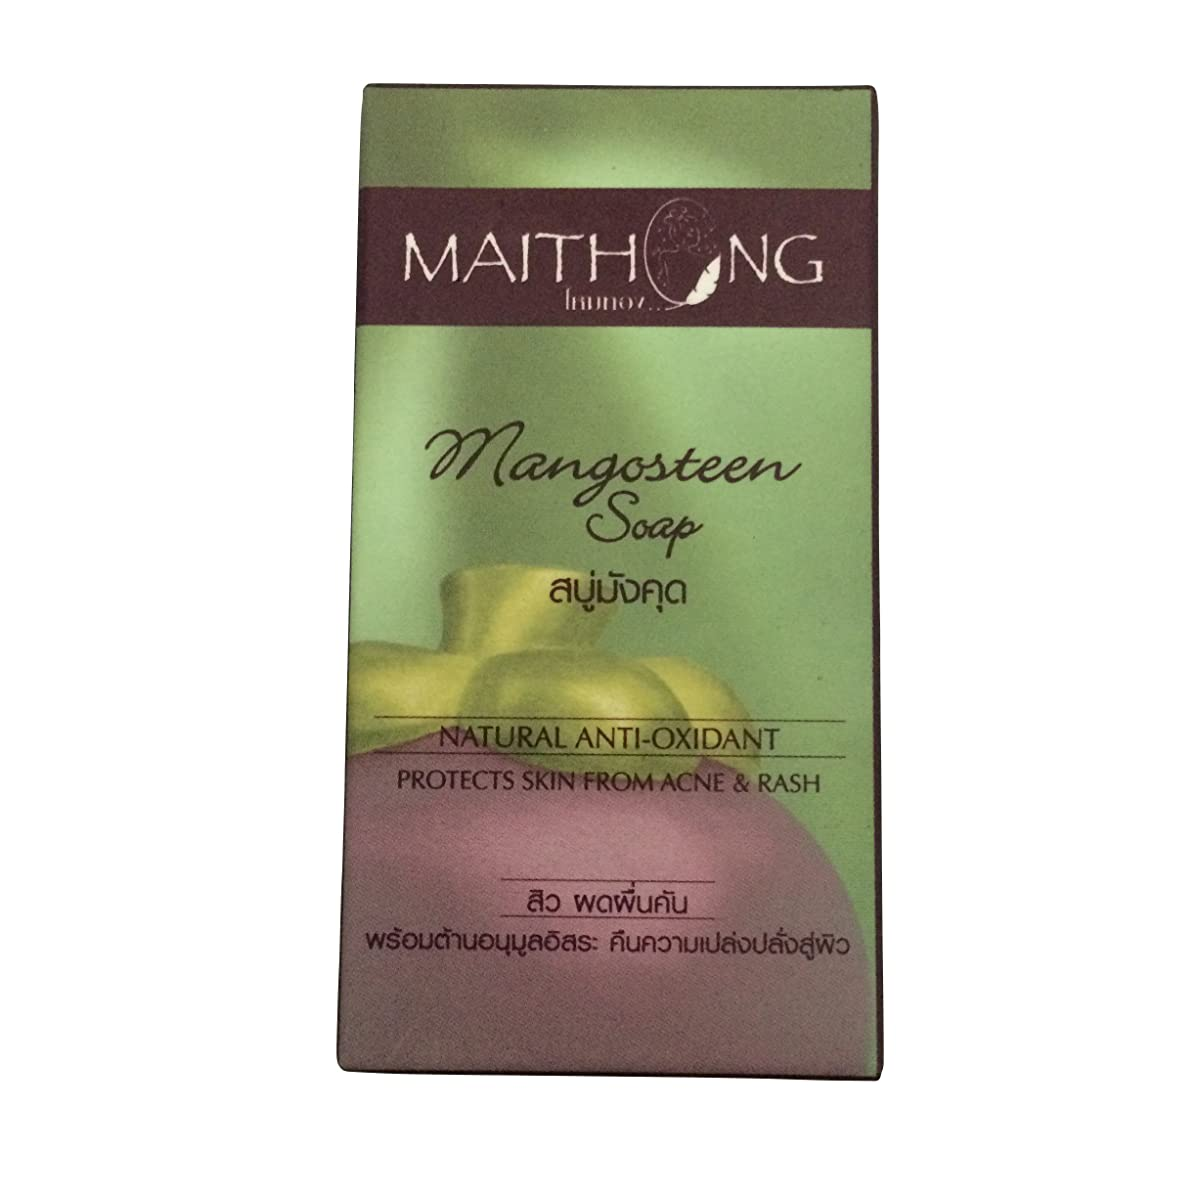 衝動ニンニク環境保護主義者(マイトーン)MAITHONG マンゴスチン 石鹸 ソープ